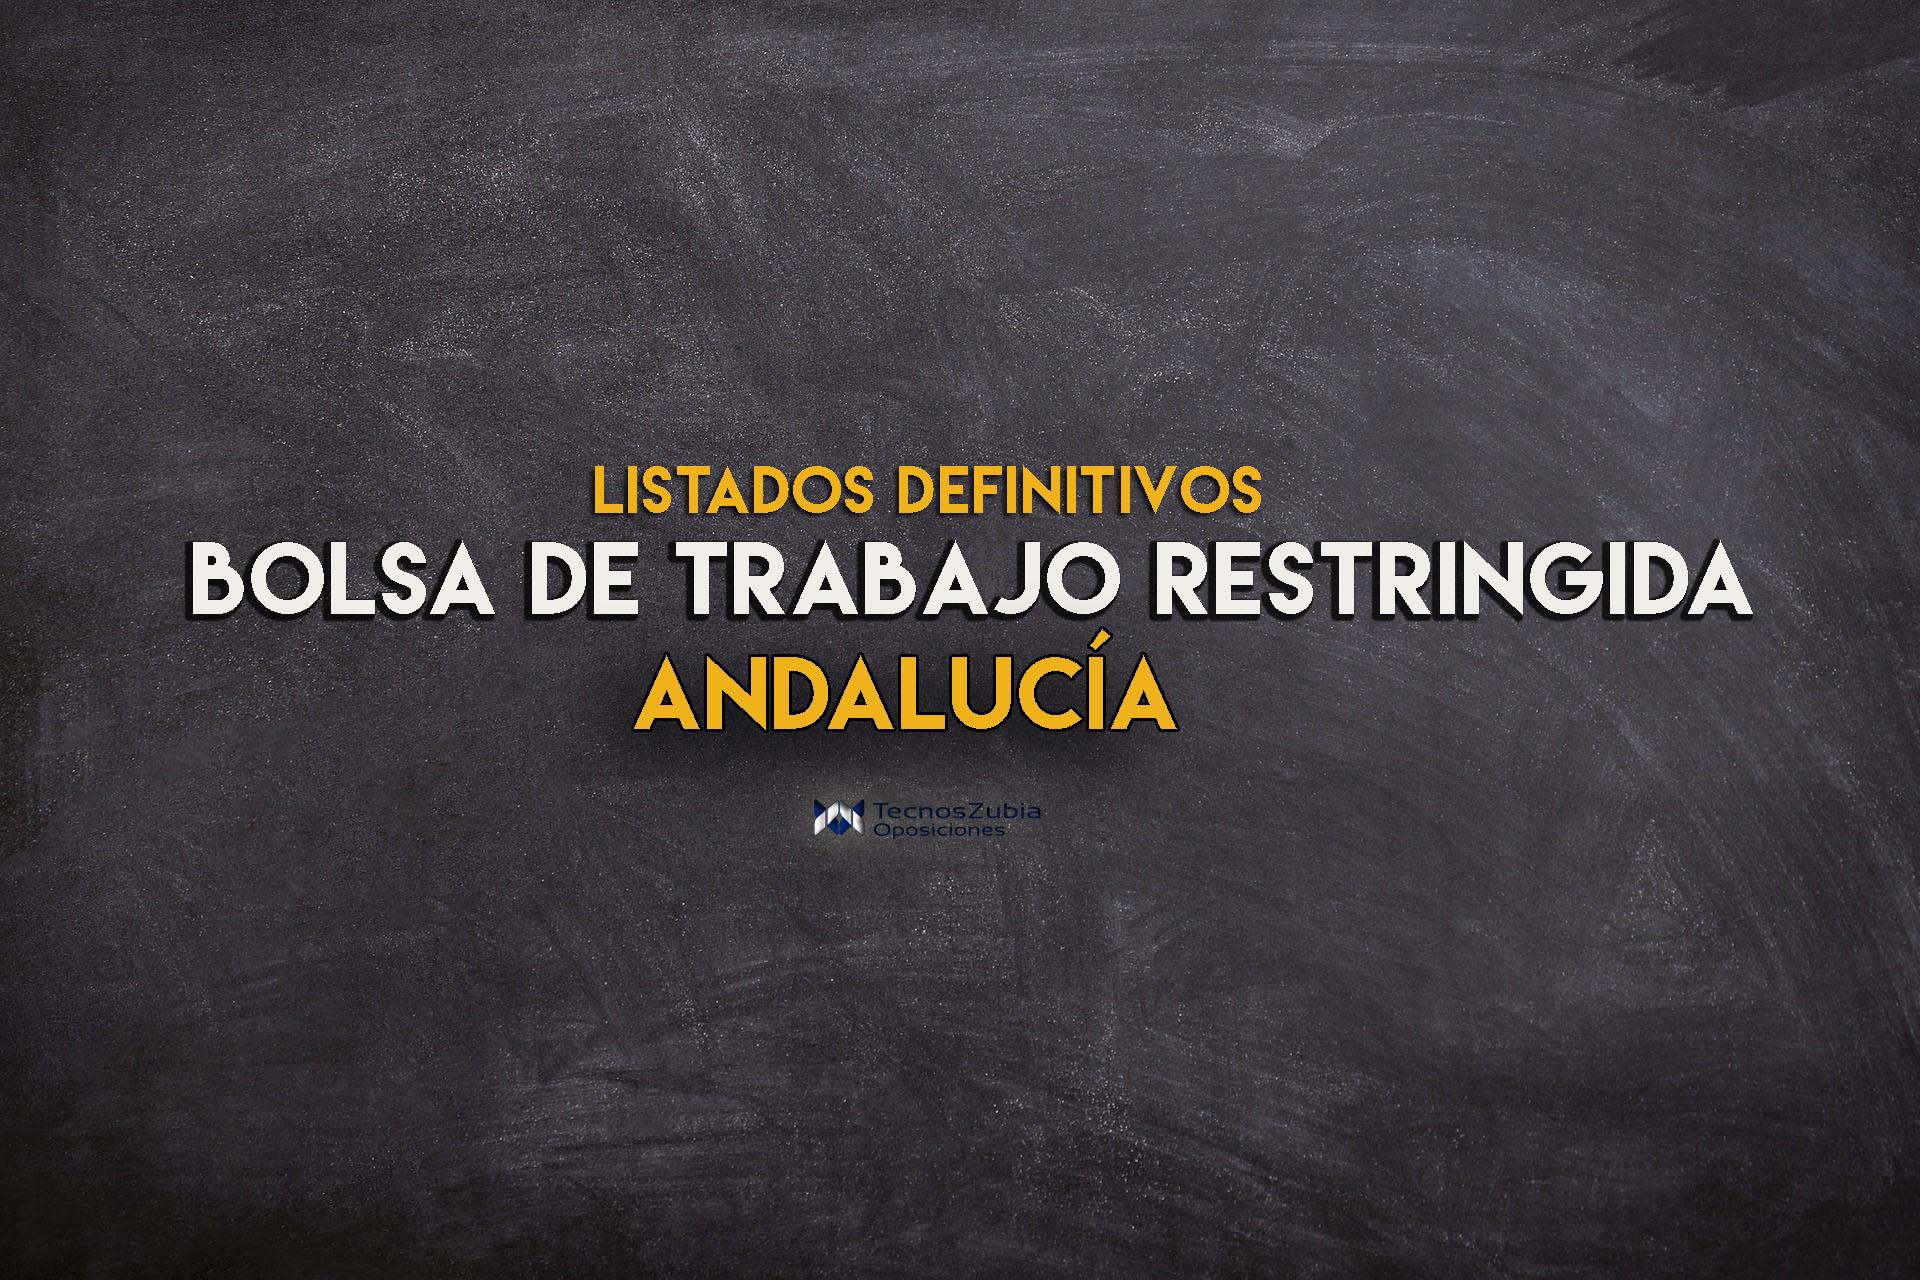 Bolsa docente en Andalucía: listados definitivos